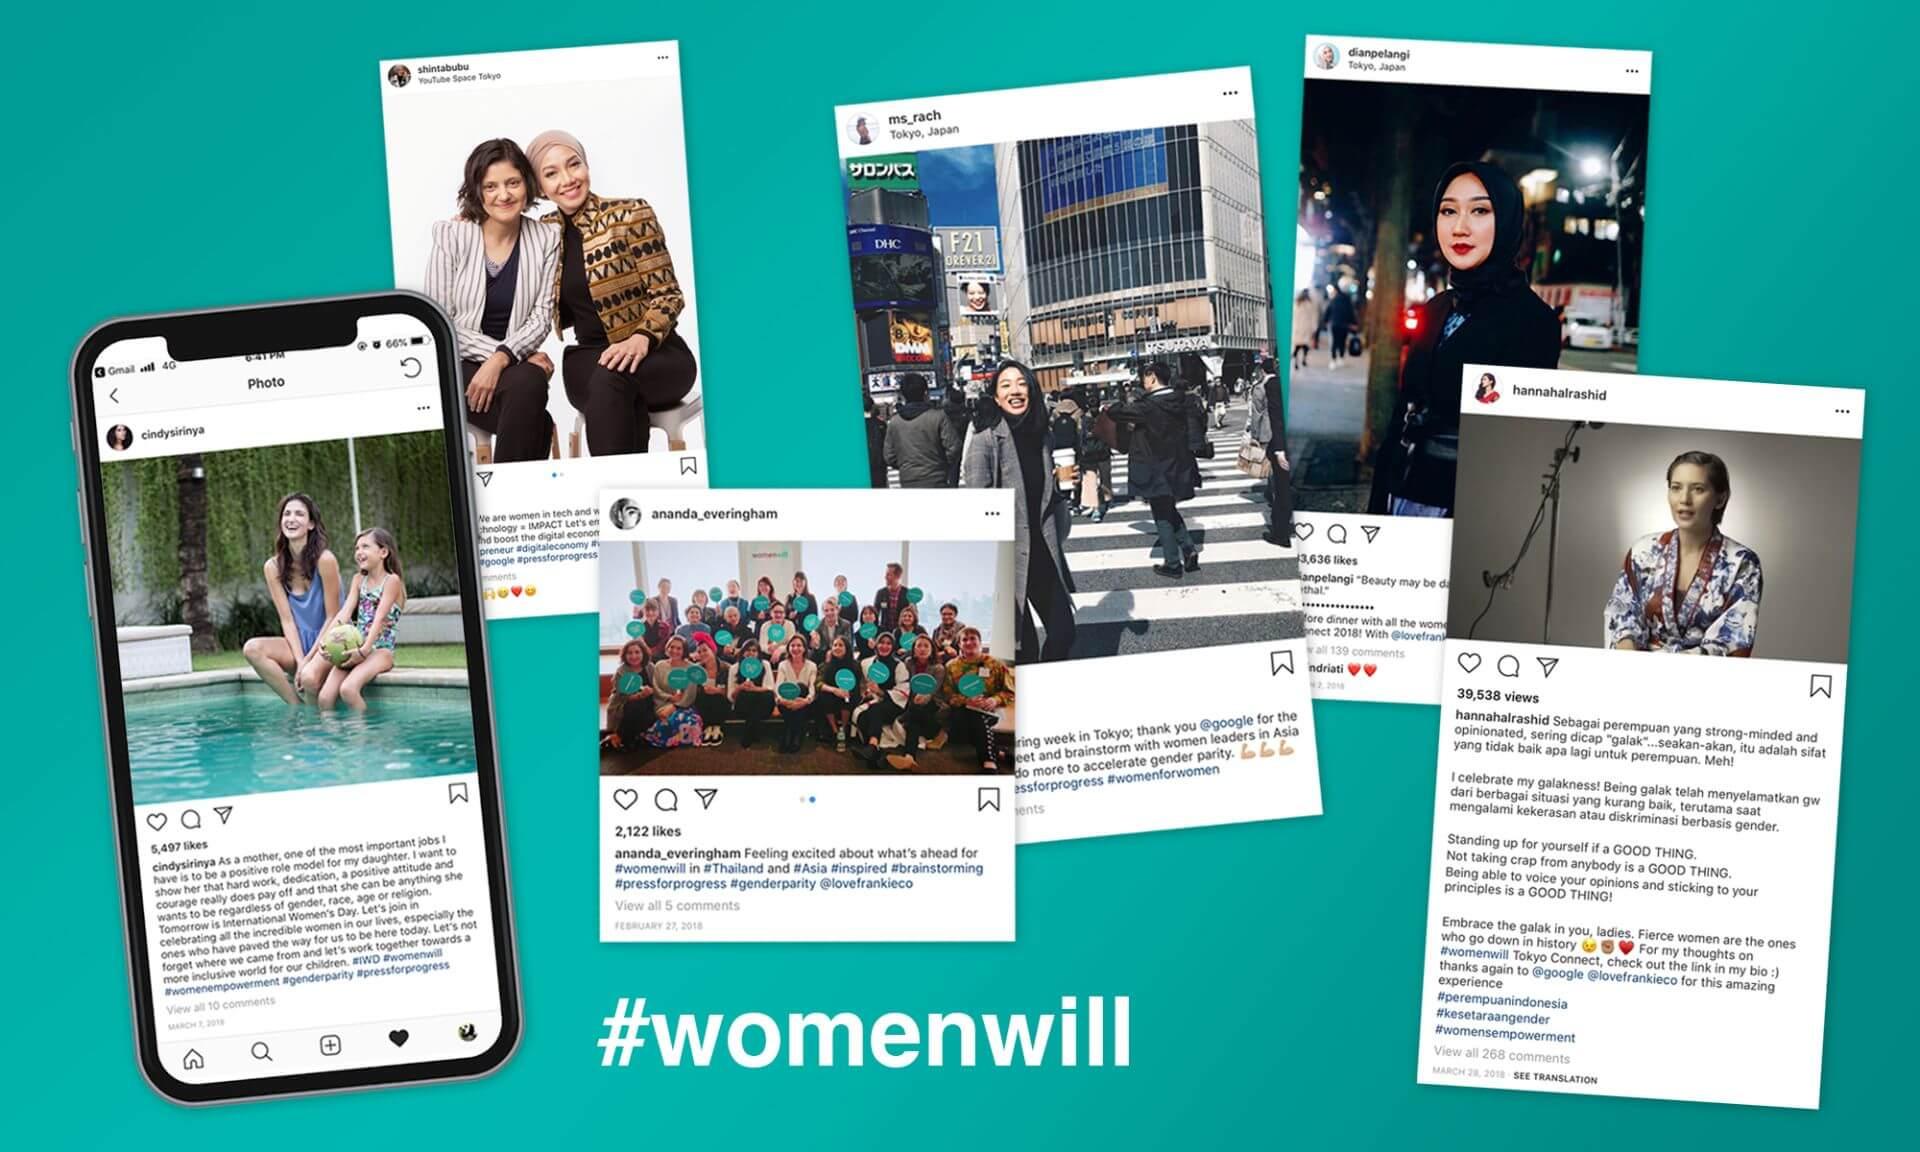 WOMEN WILL: ECONOMIC EMPOWERMENT Image